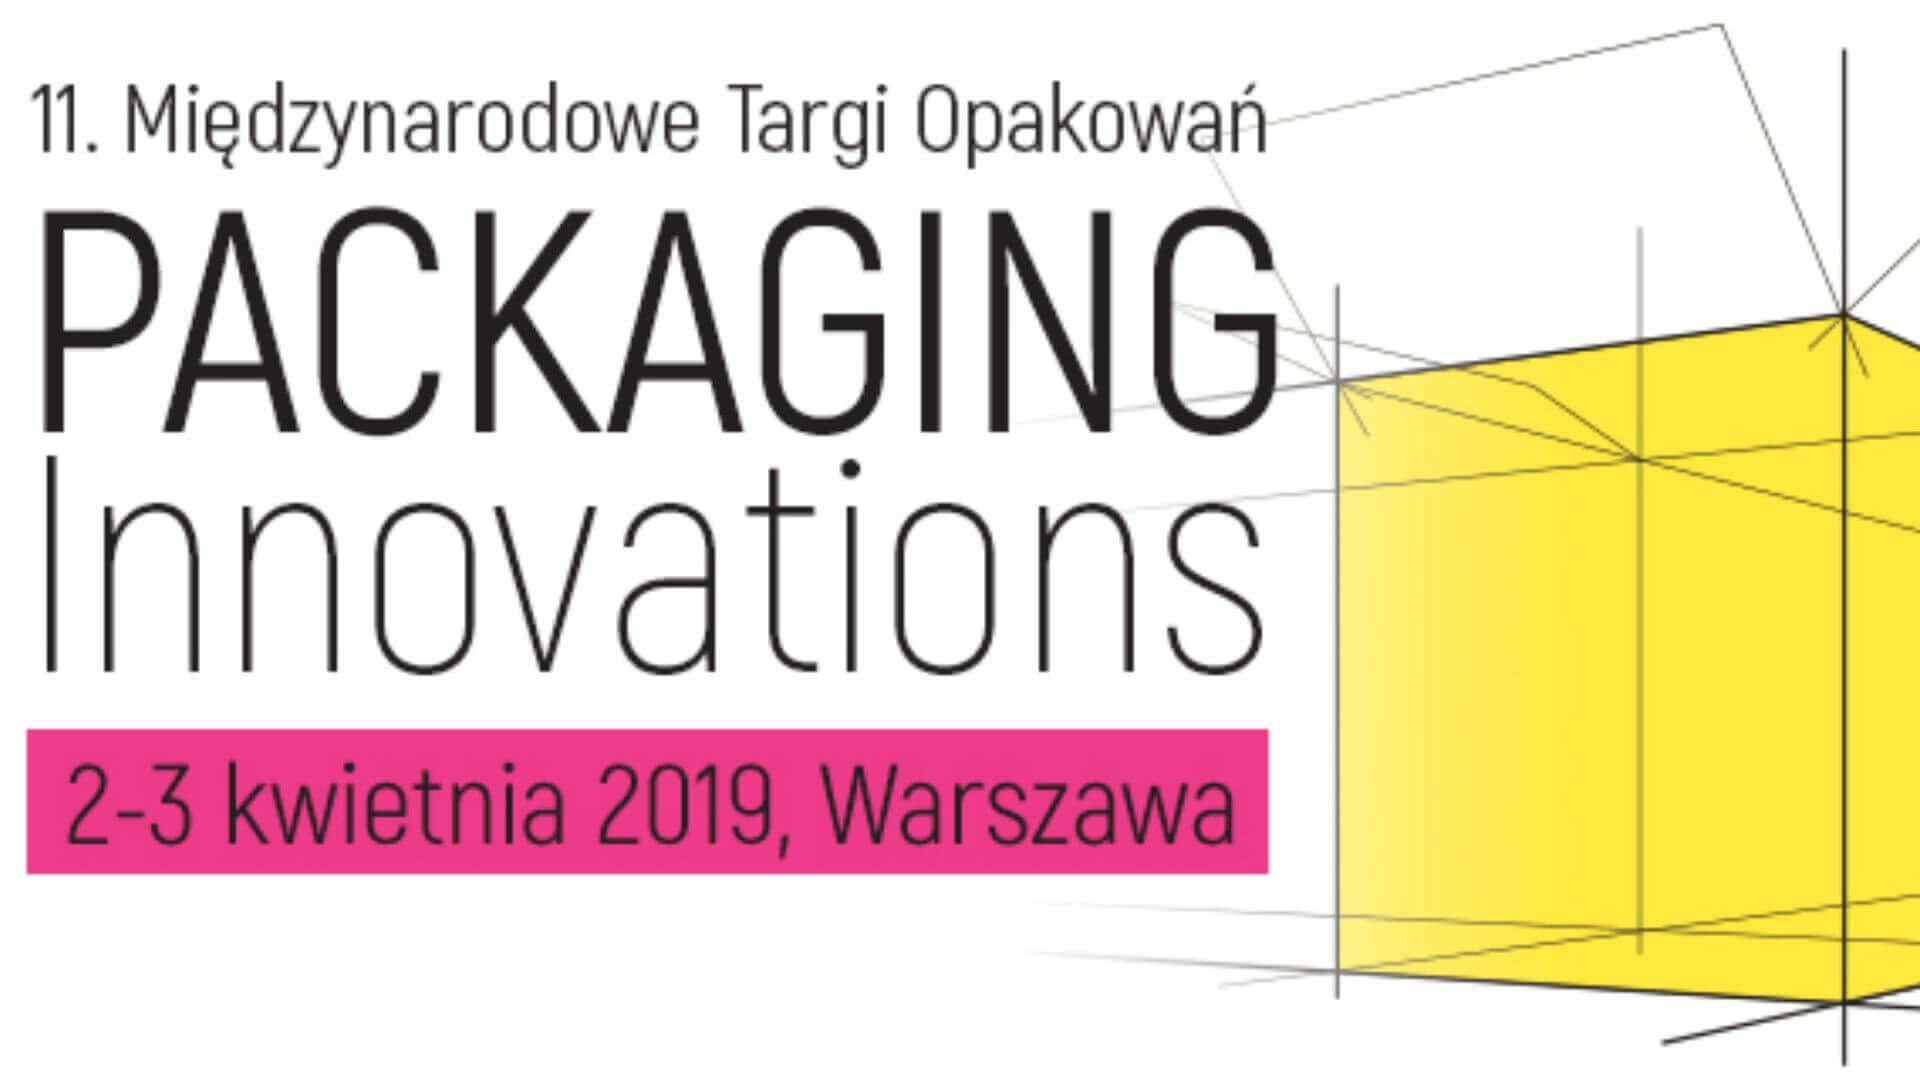 11. Międzynarodowe Targi Opakowań – Packaging Innovations 2-3 kwietnia 2019